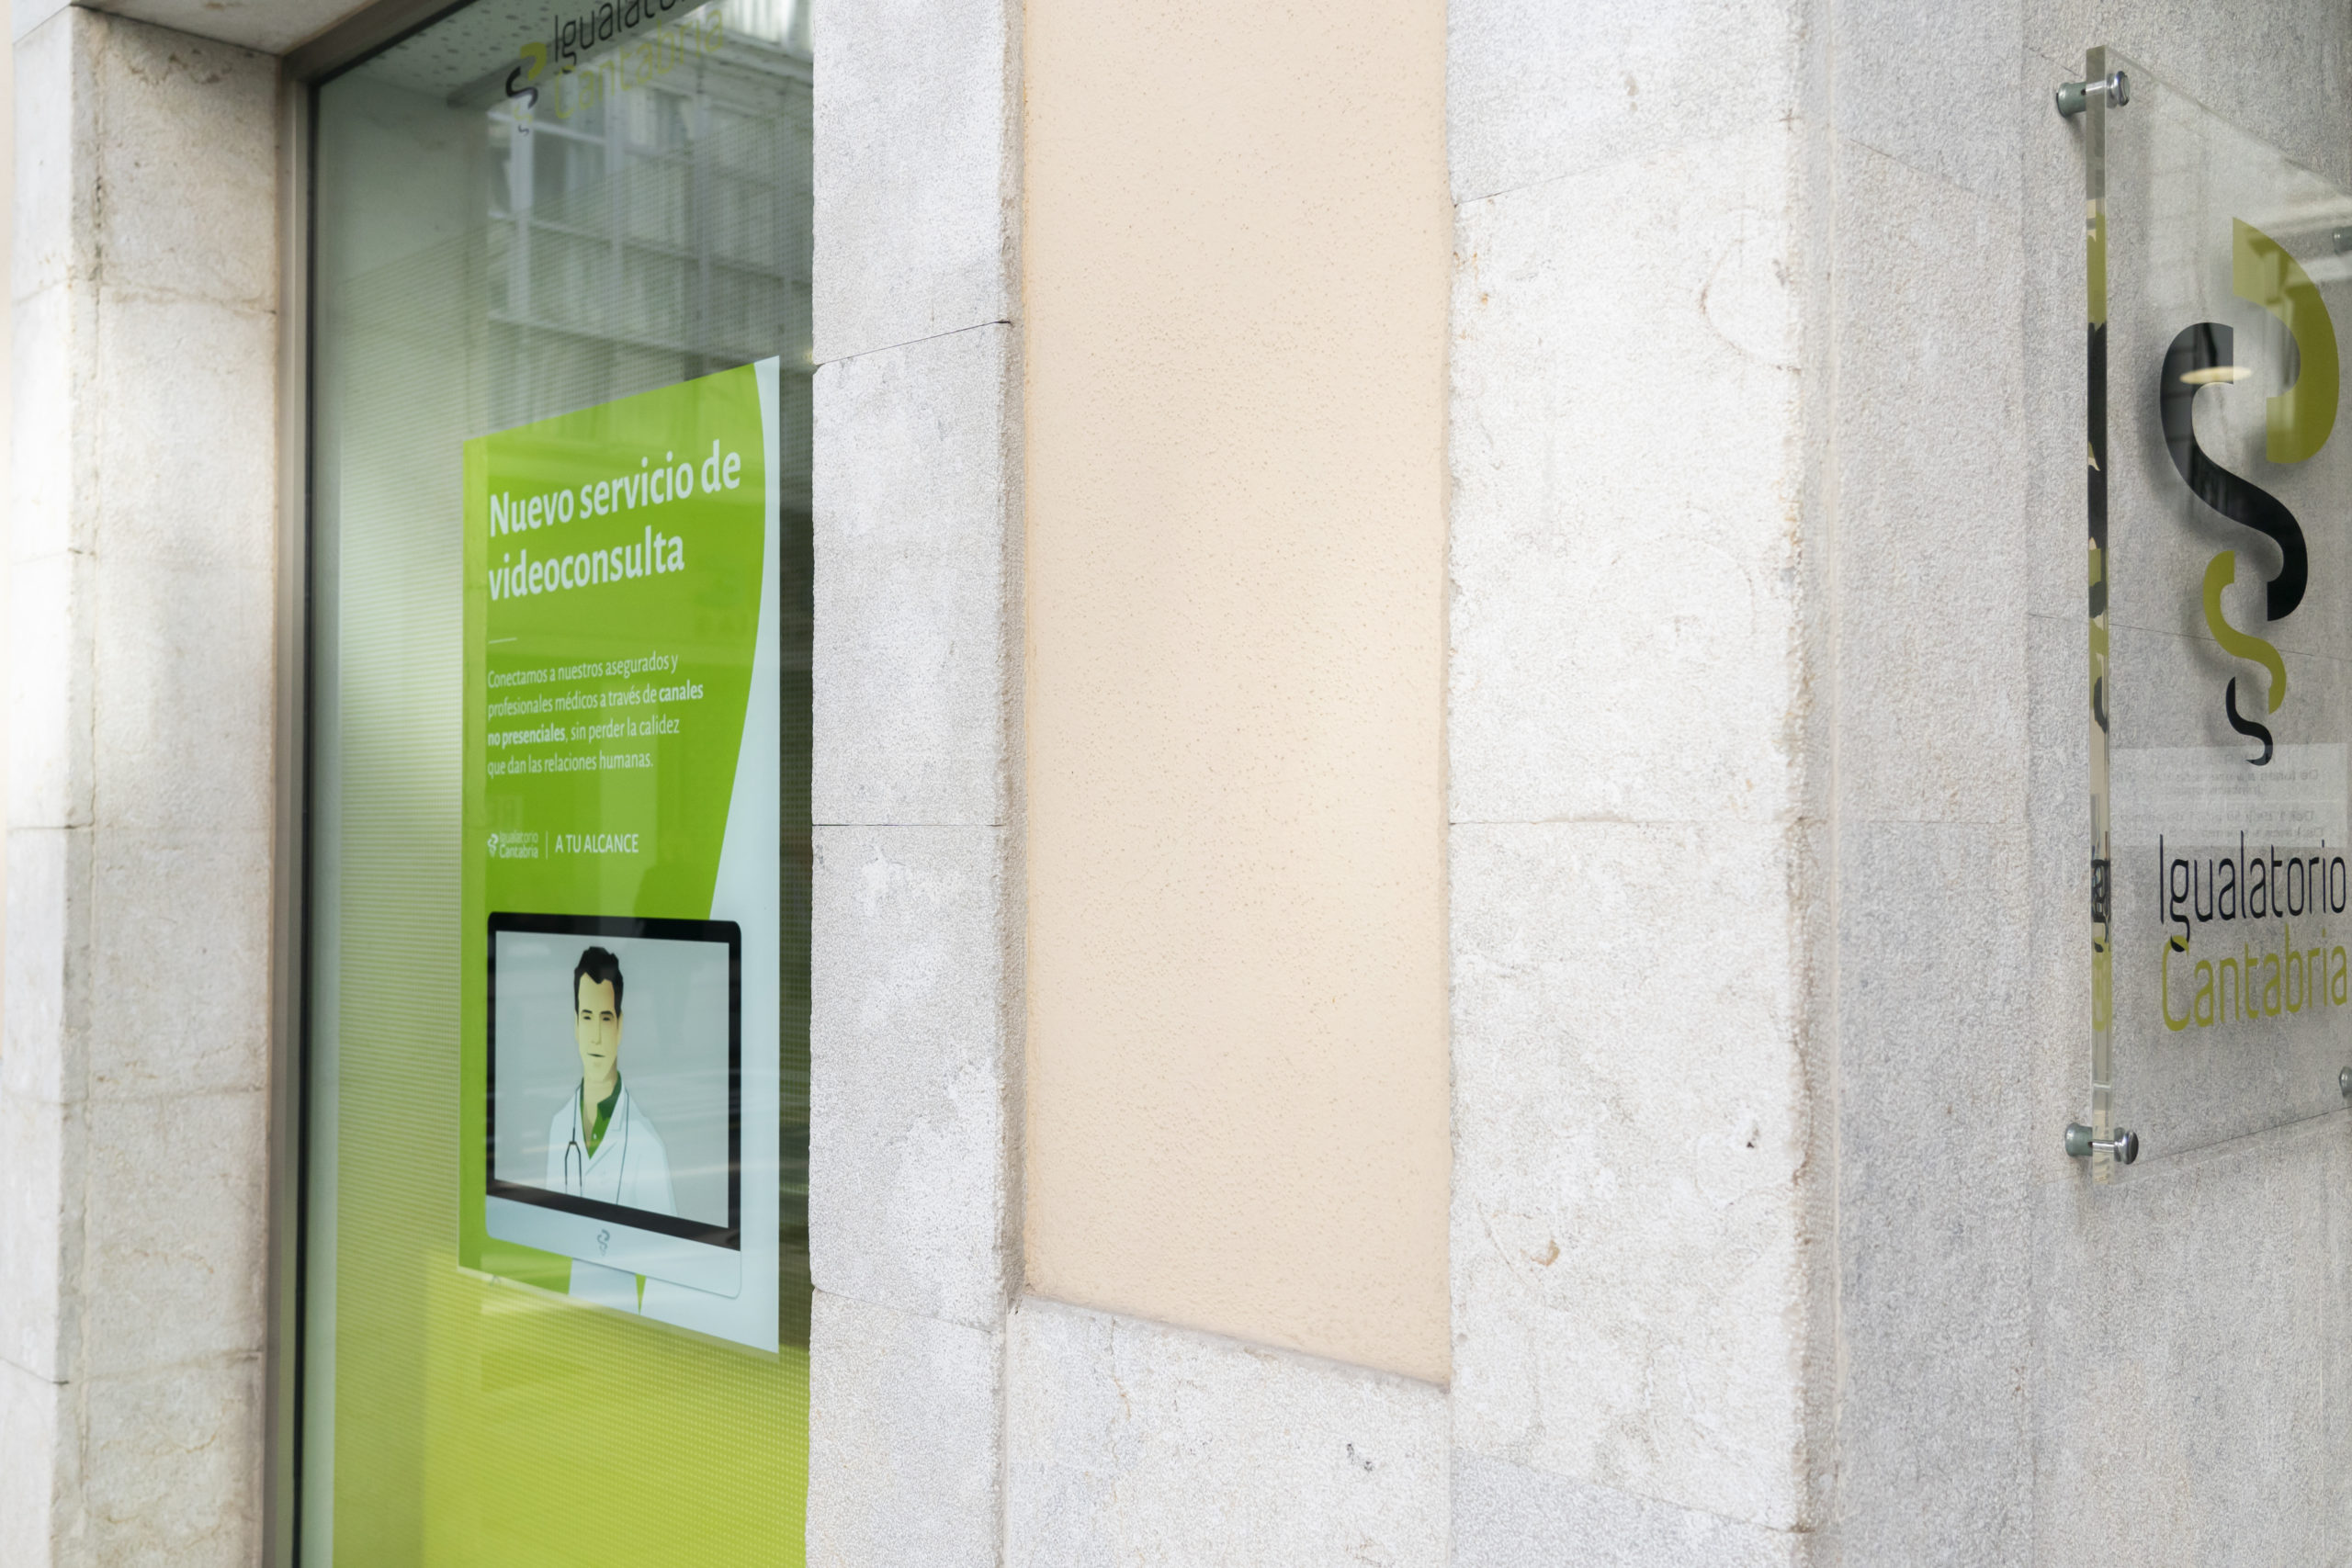 Igualatorio Cantabria Realiza Cerca De 780.000 Consultas En 2020